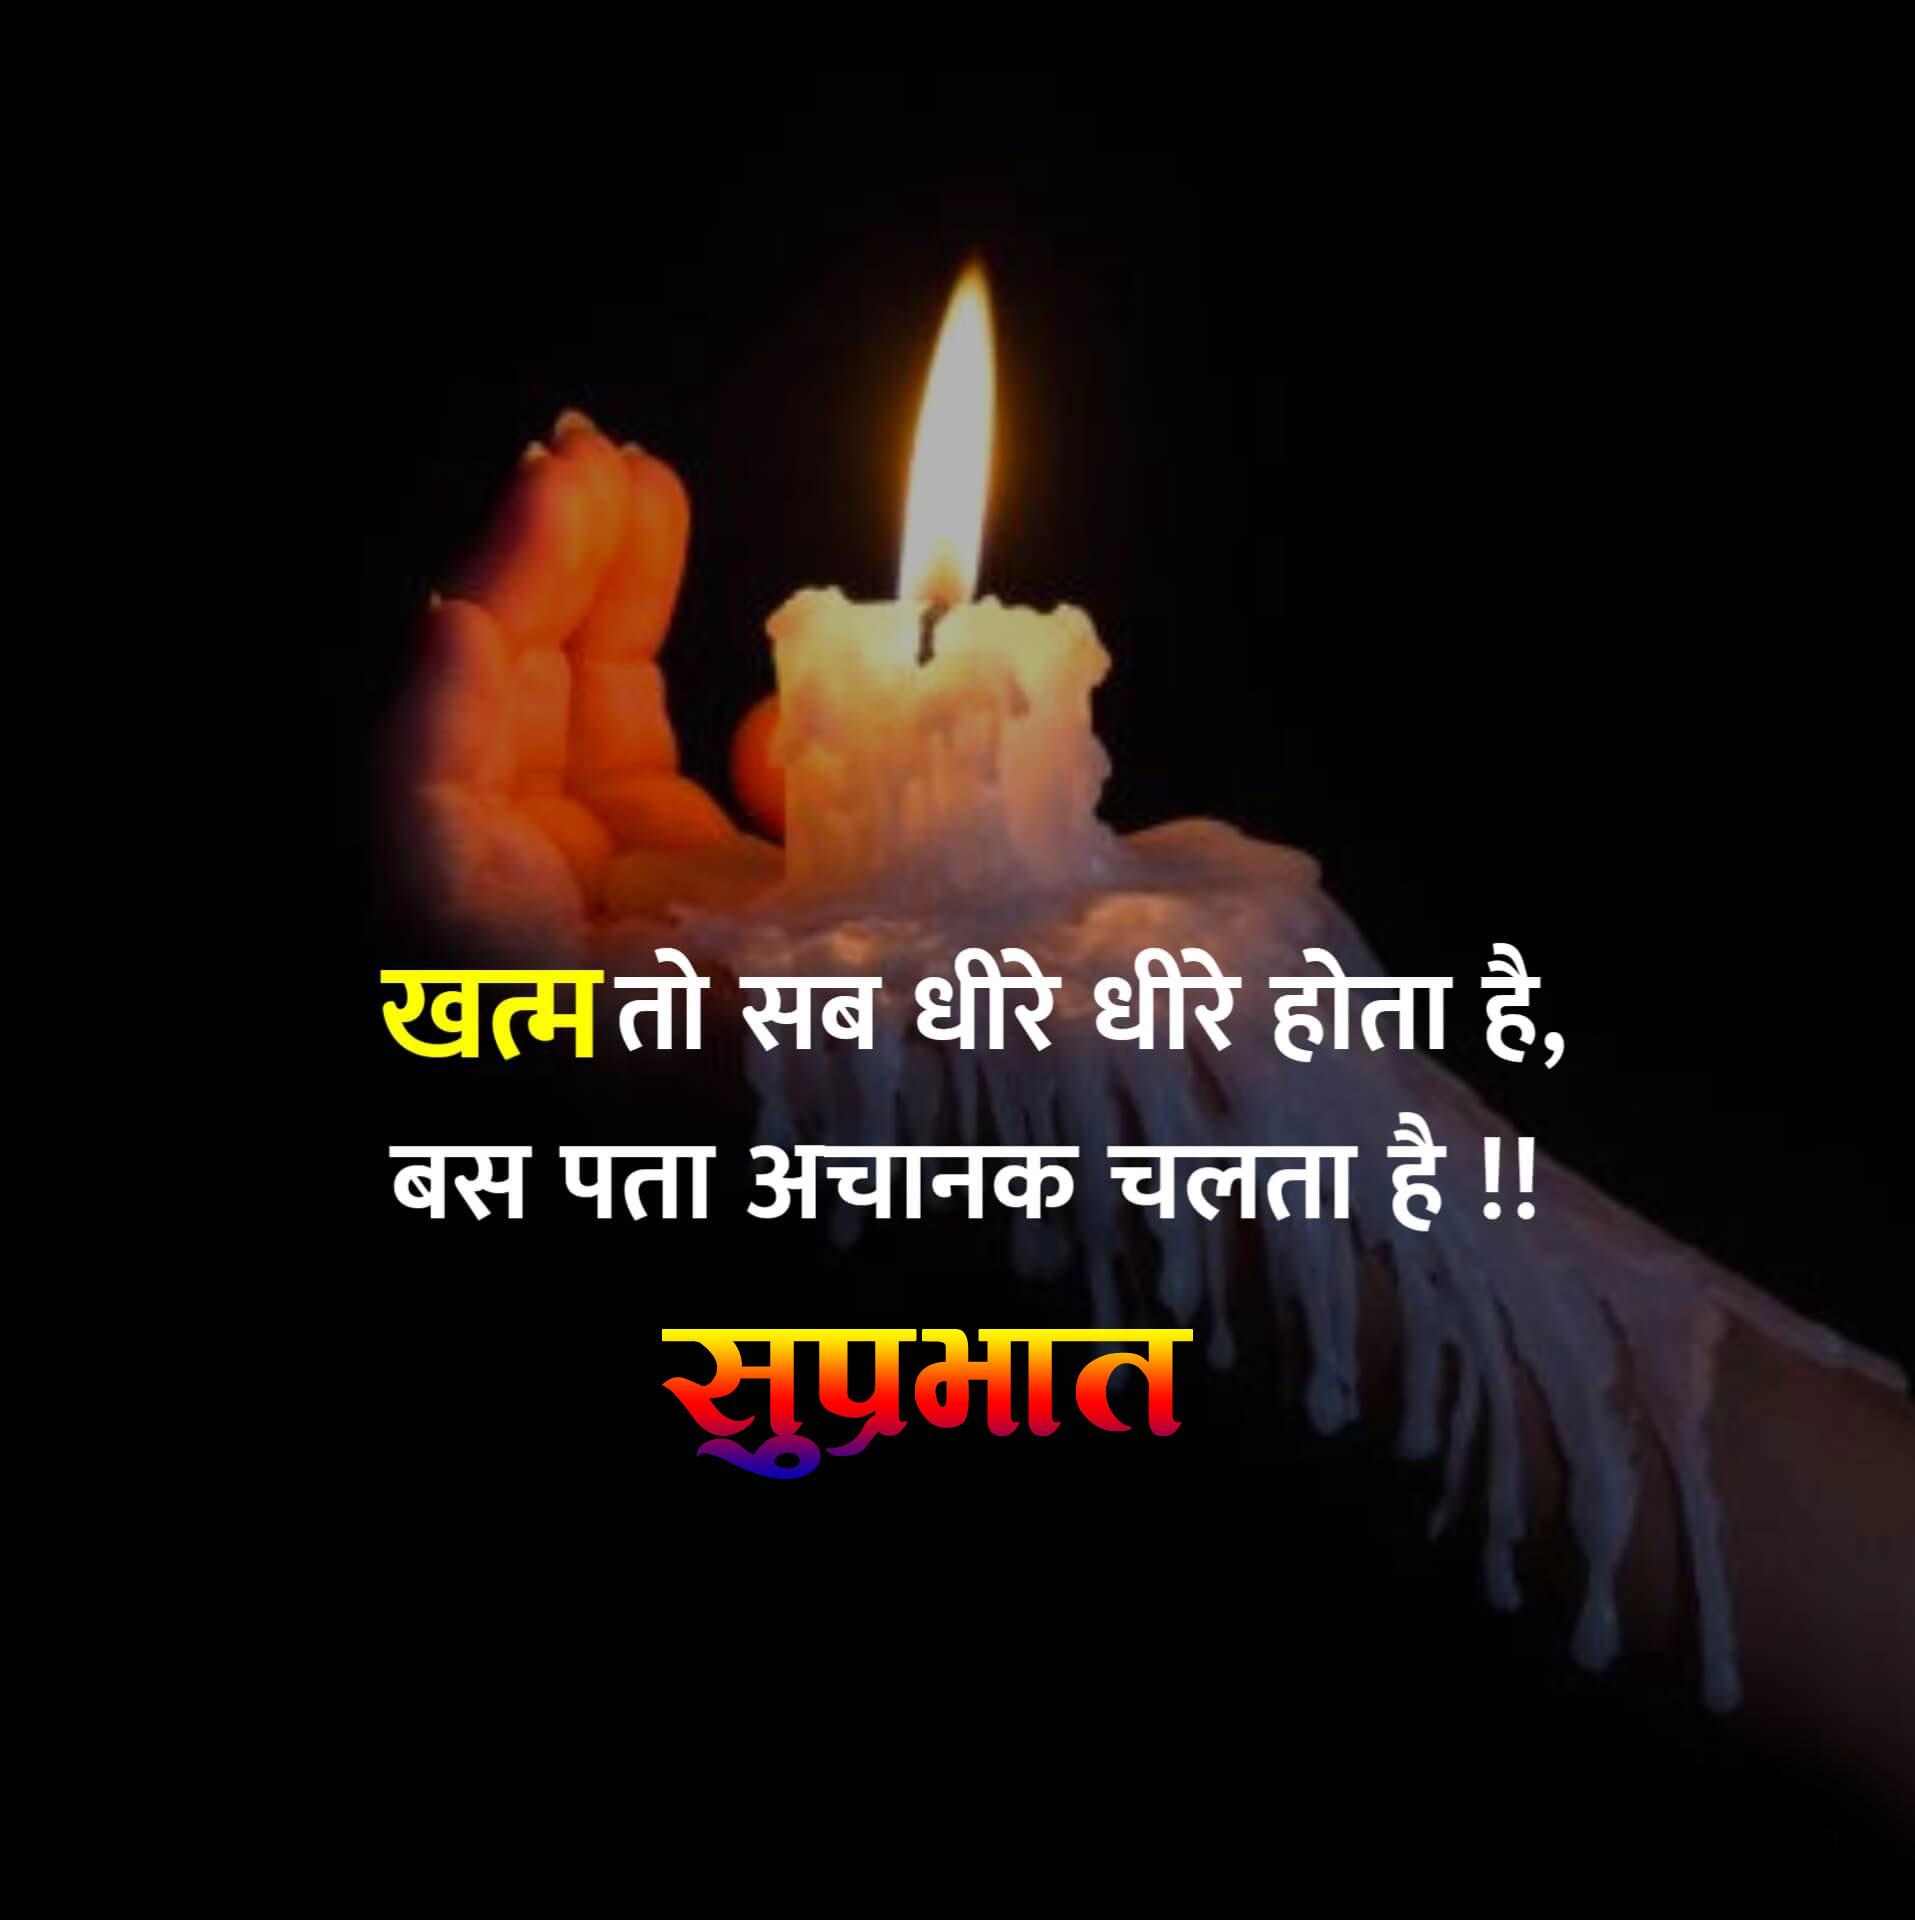 hindi Beautiful Suprabhat Images photo hd 2021